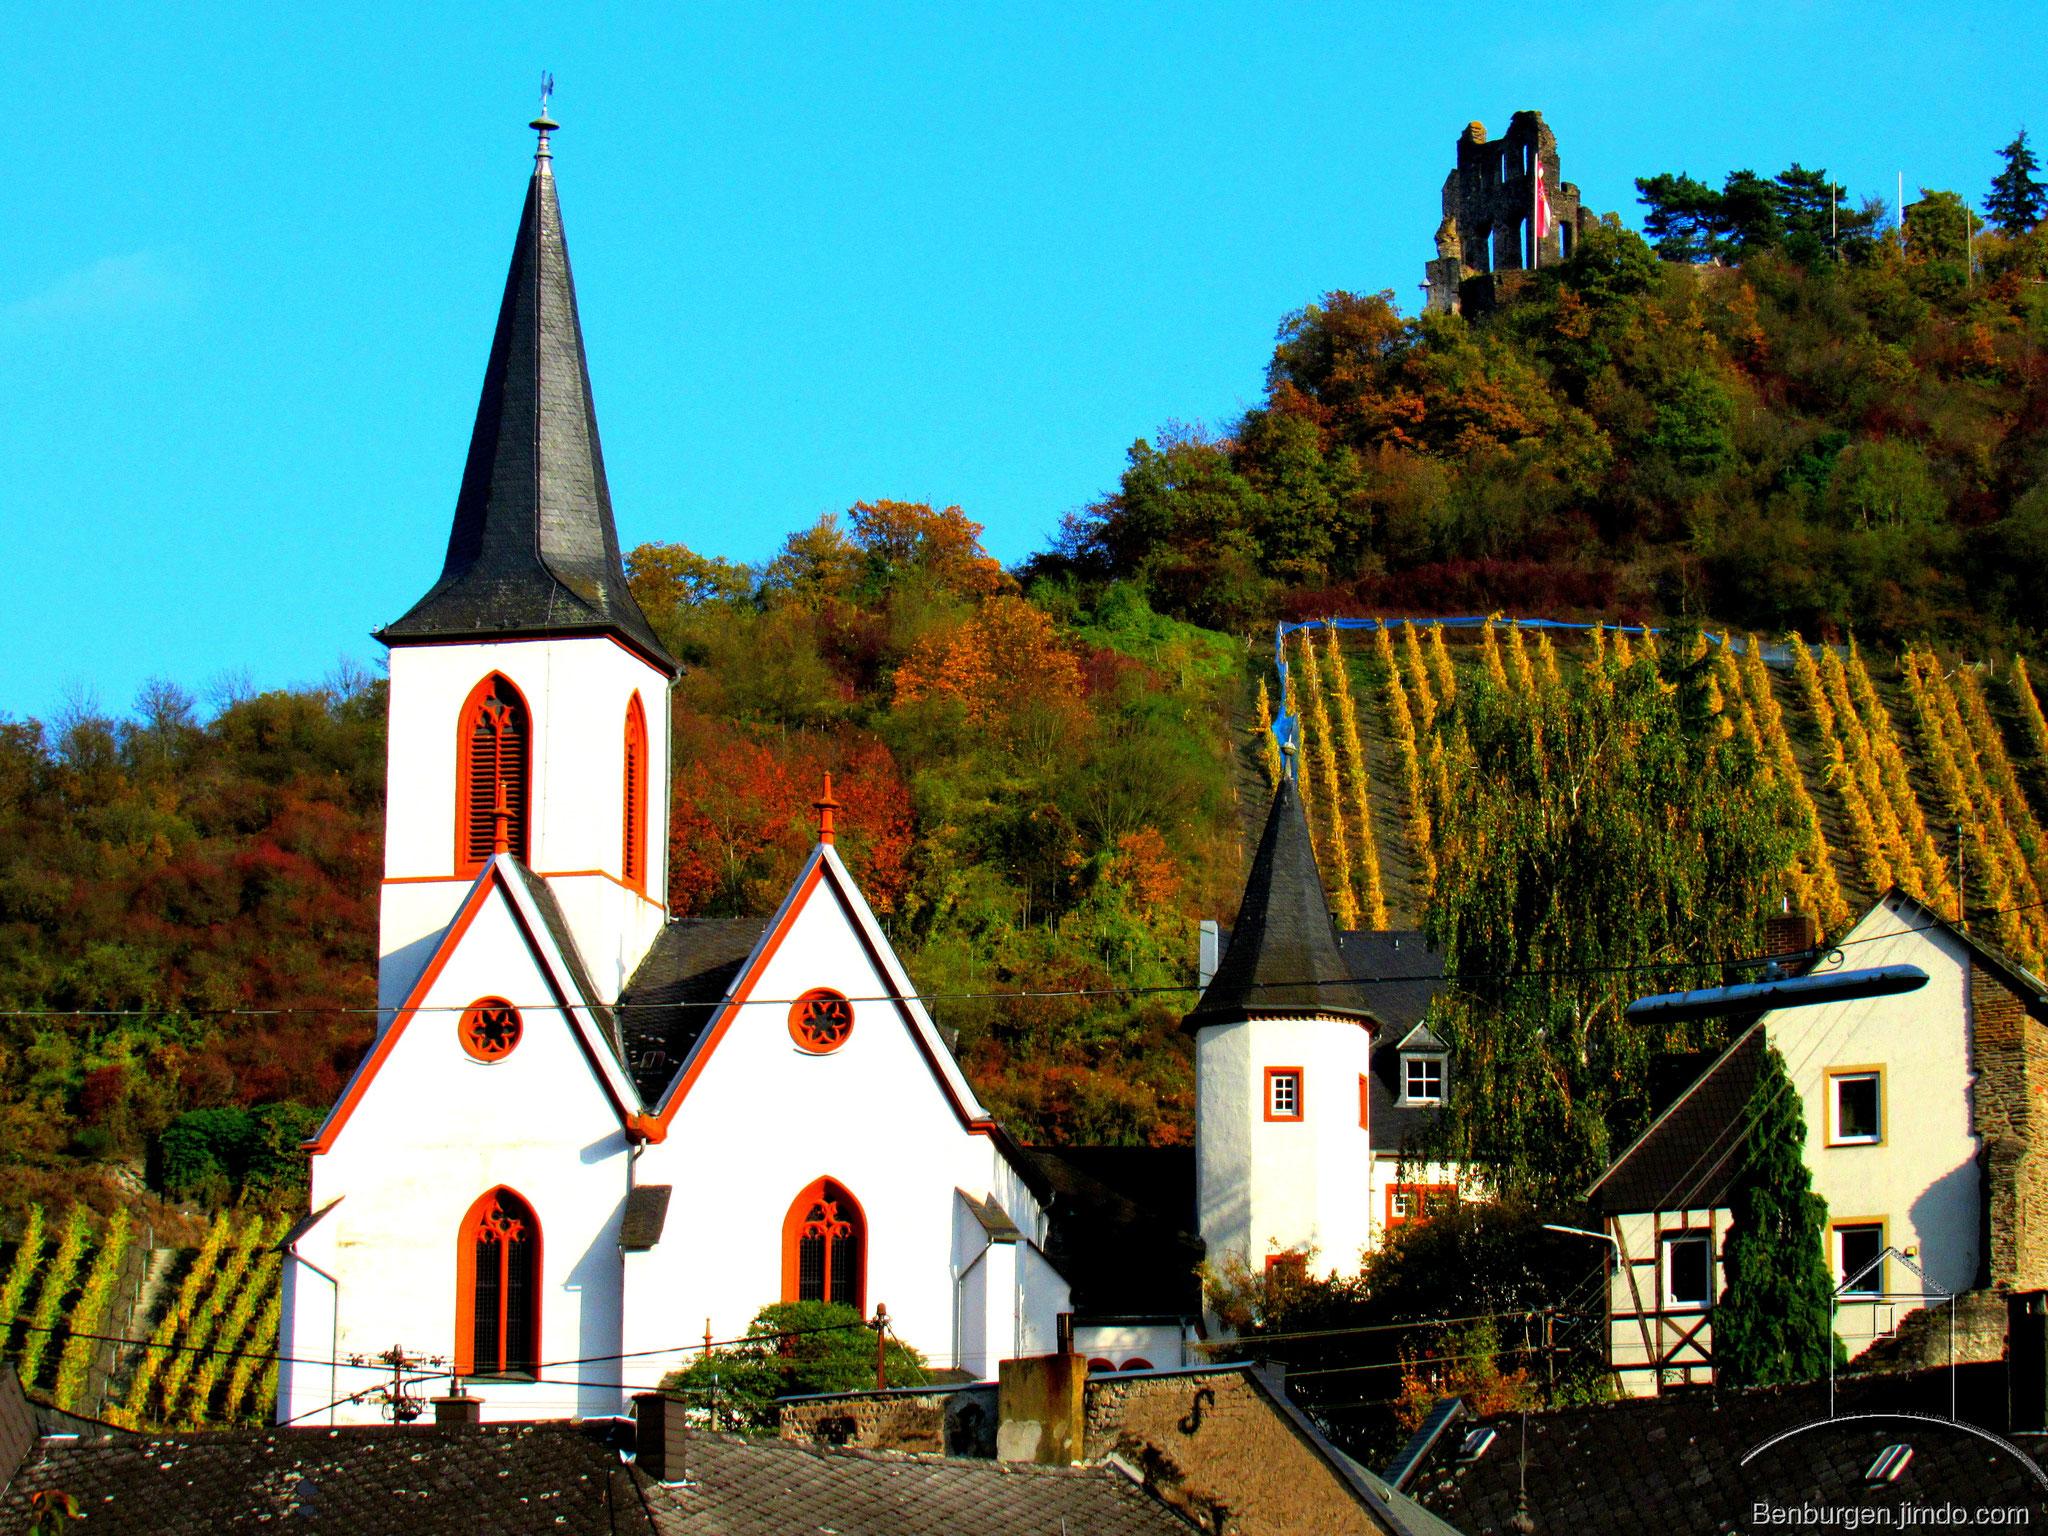 Pfarrkirche von Trabach. Im Hintergrund die Grevenburg.